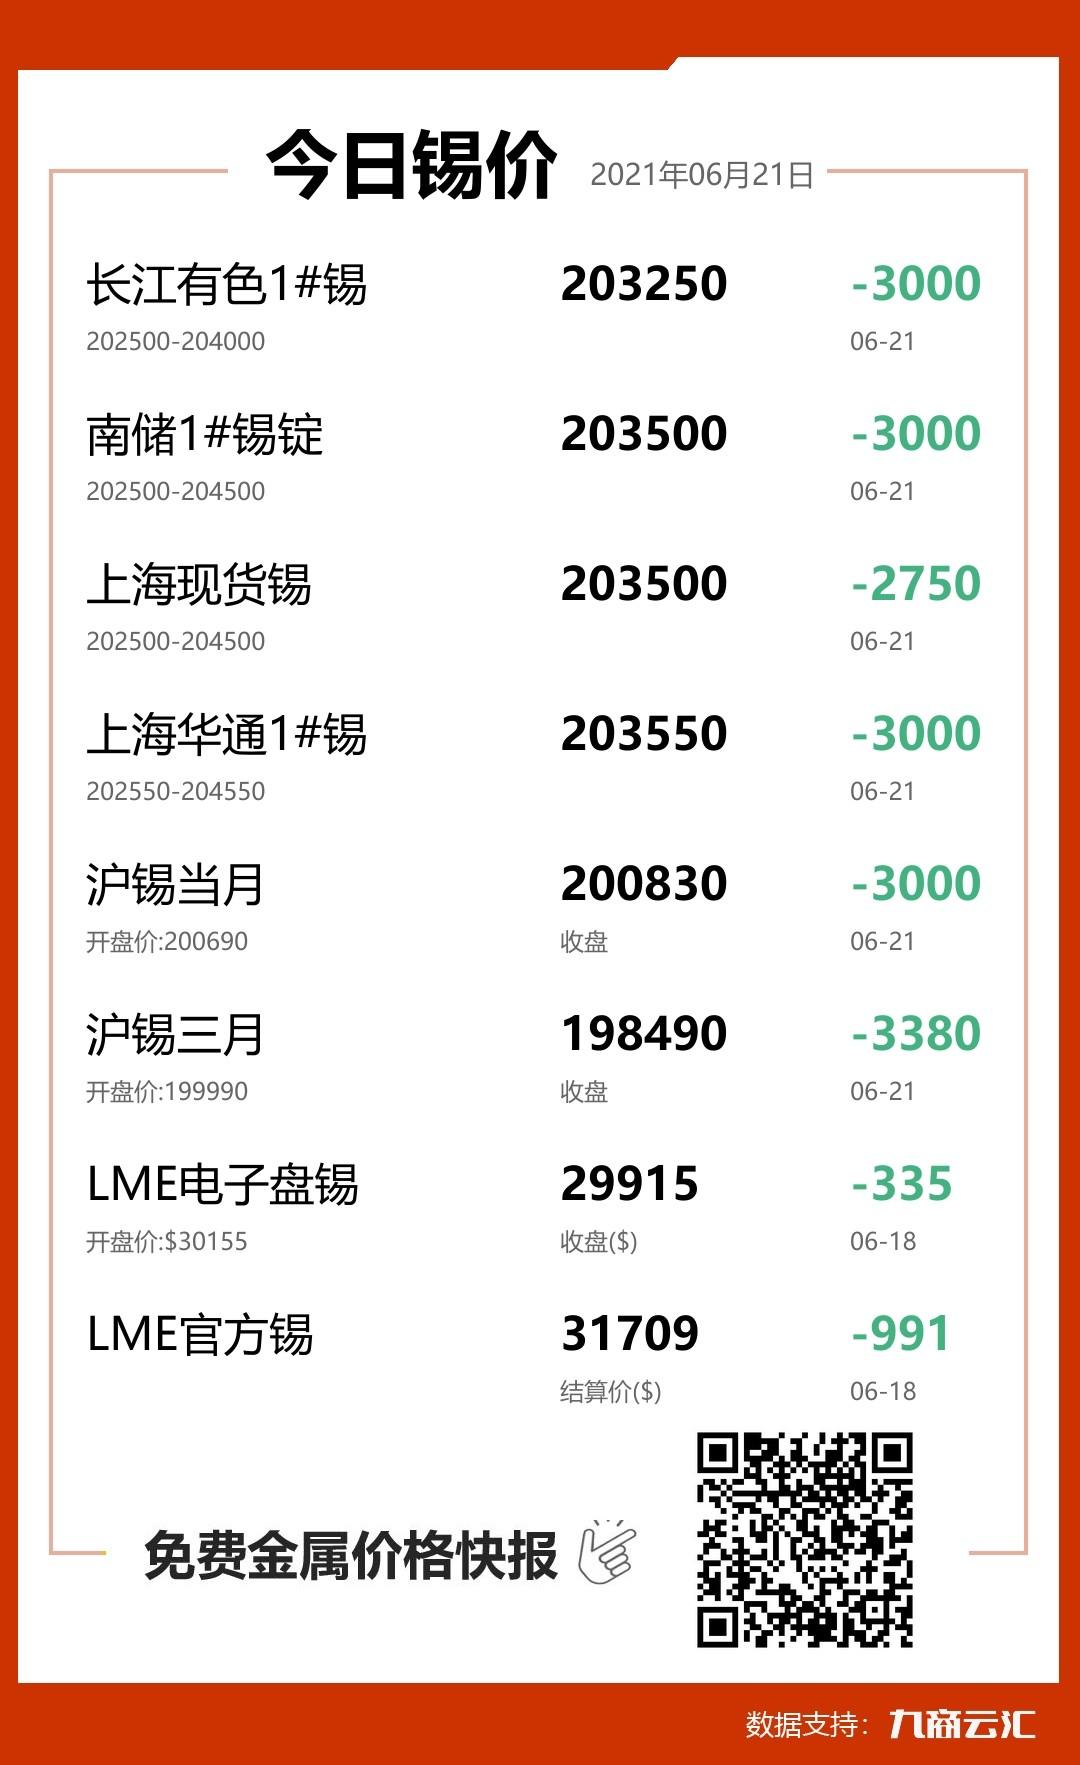 2021年06月21日云汇锡价行情:今日锡价大跌